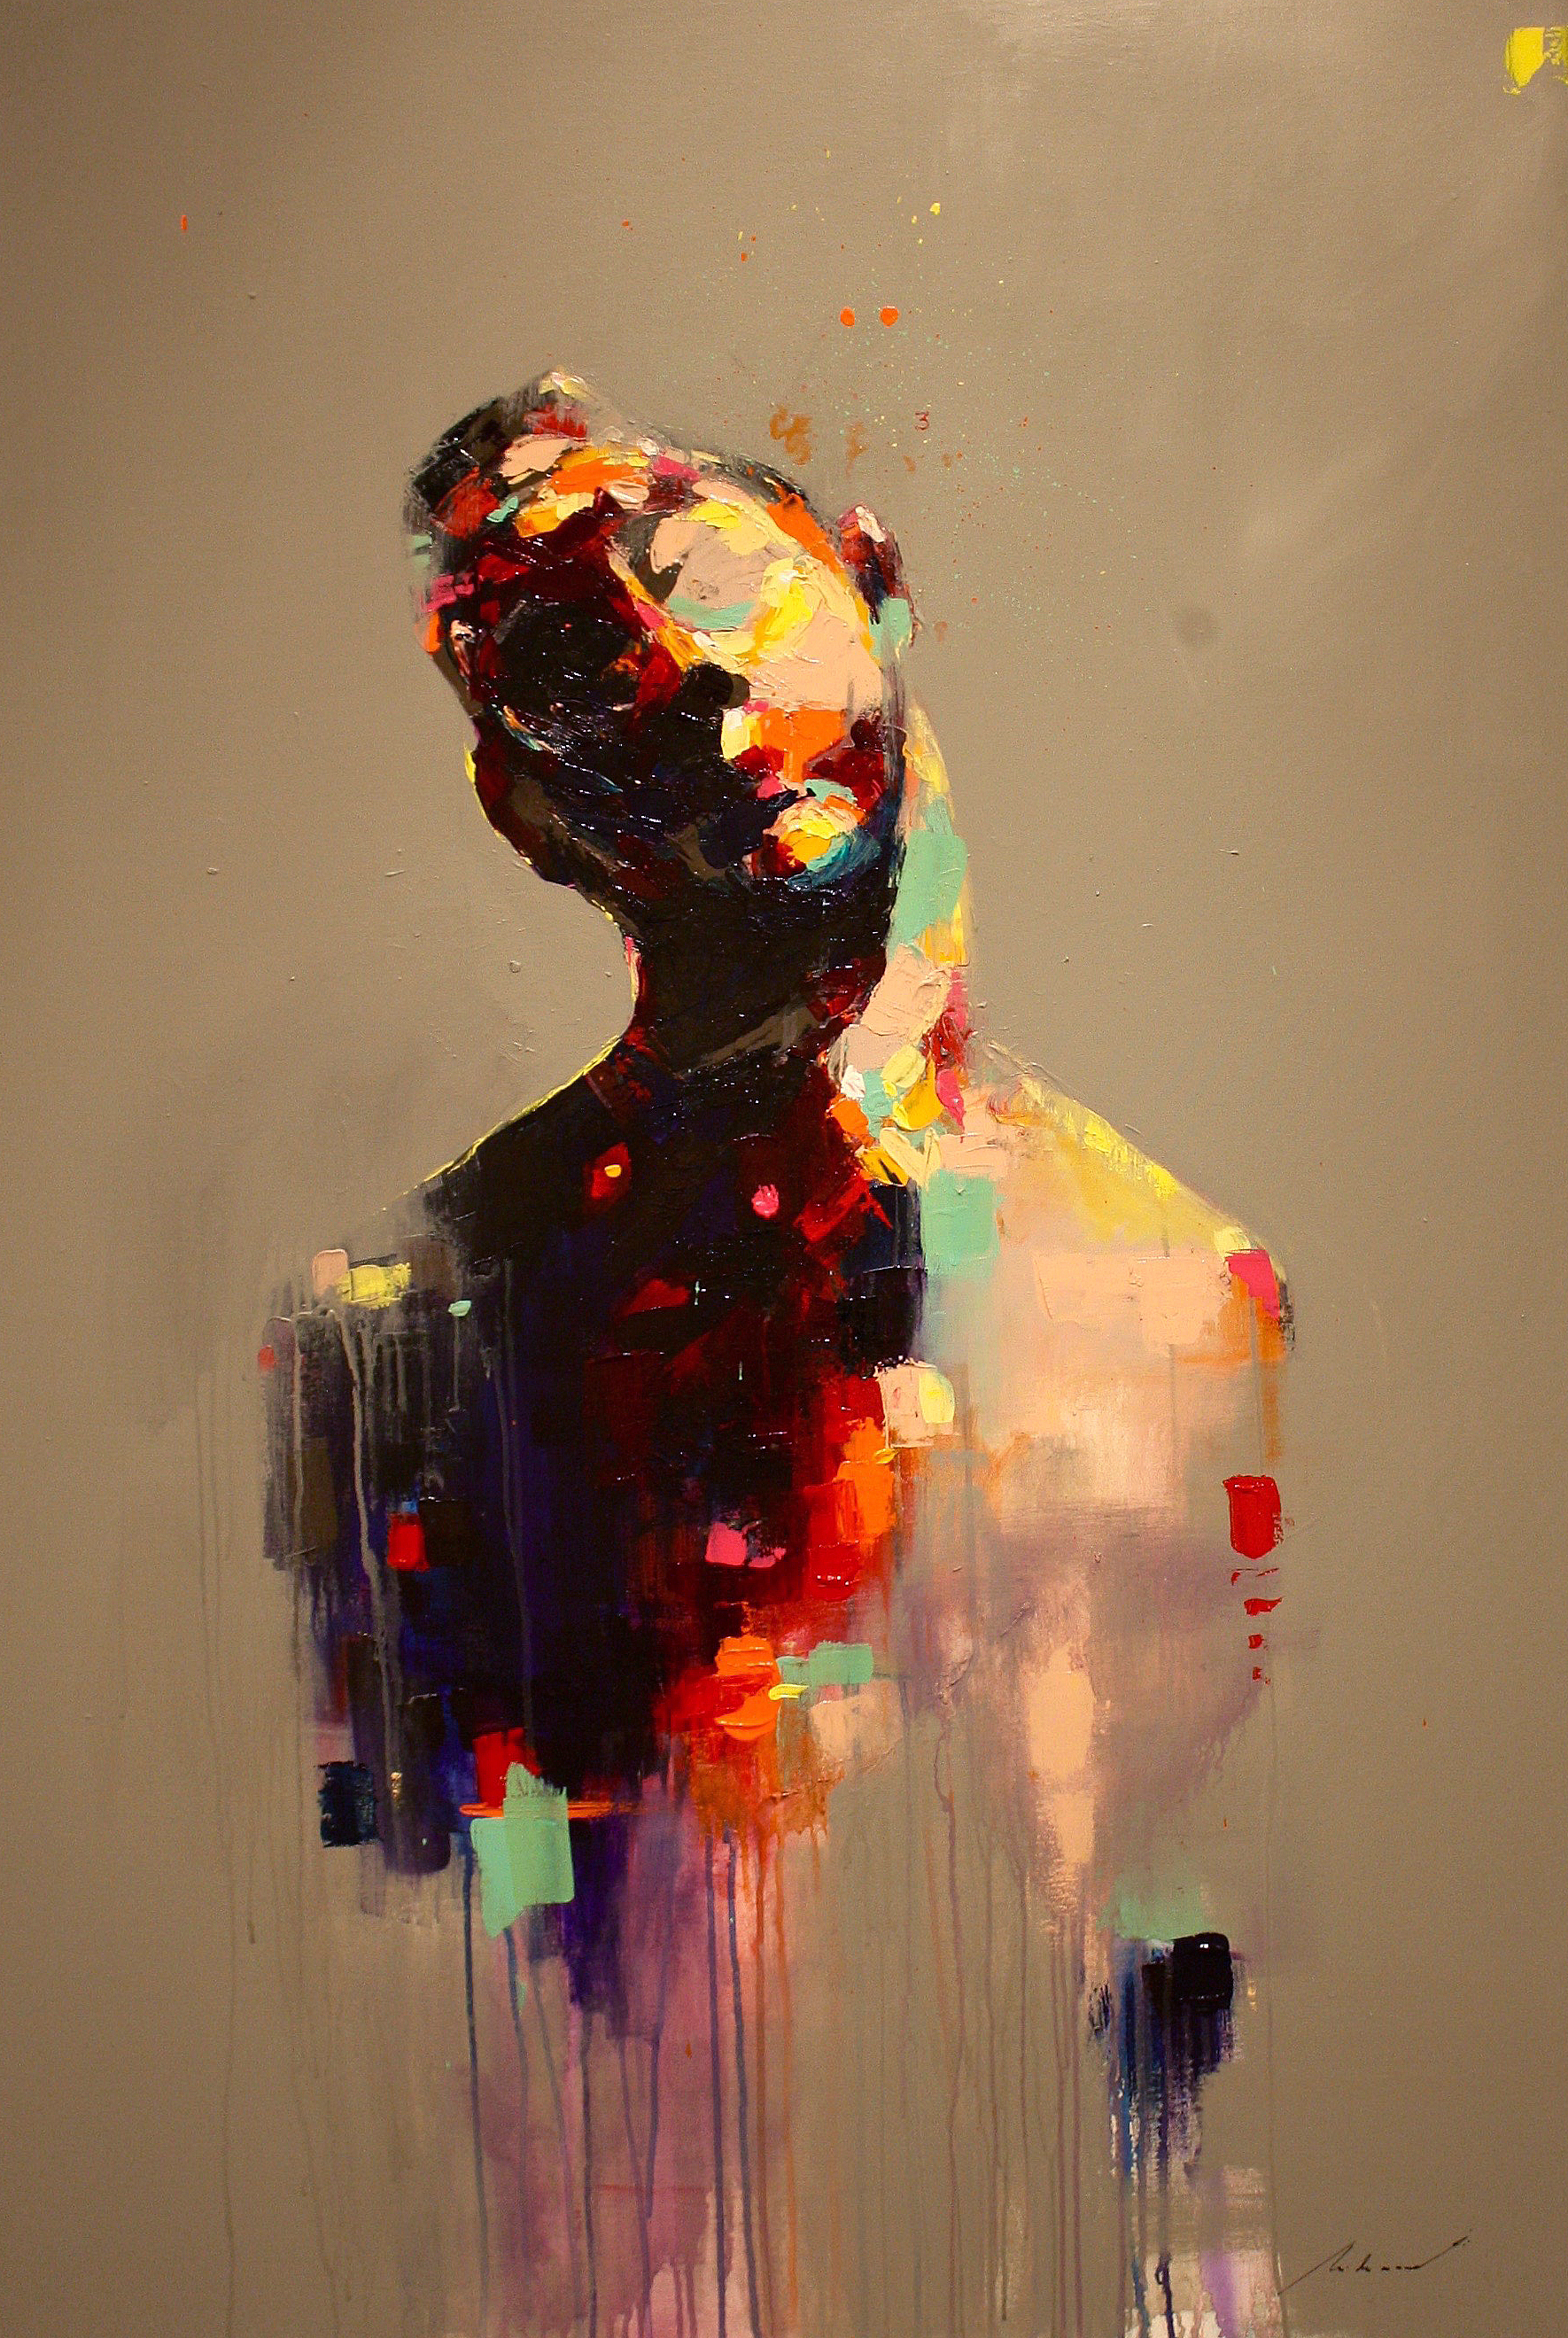 O Artista 3, 2018 | Acrylic on canvas | 140 x 90 cm | R$ 7,560